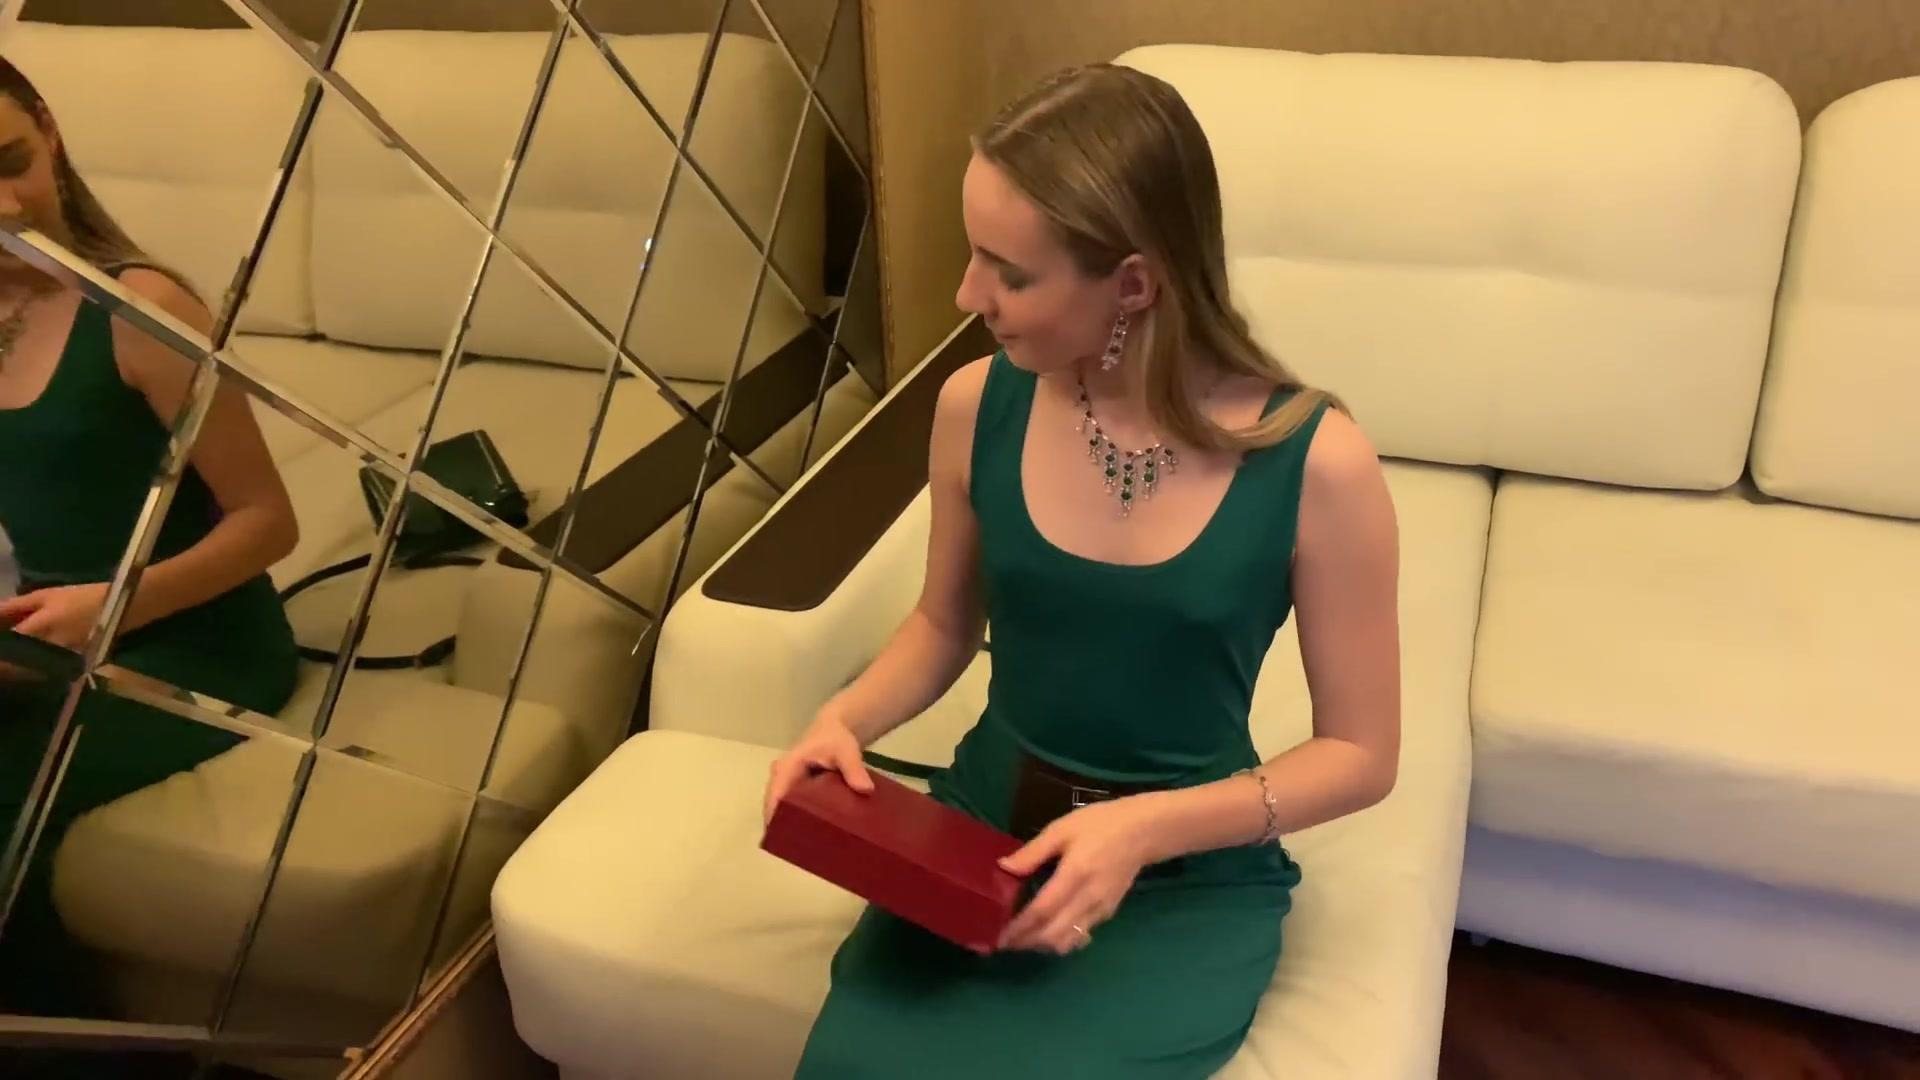 俄罗斯体操小美女模特Josephine的长裙高跟鞋写真